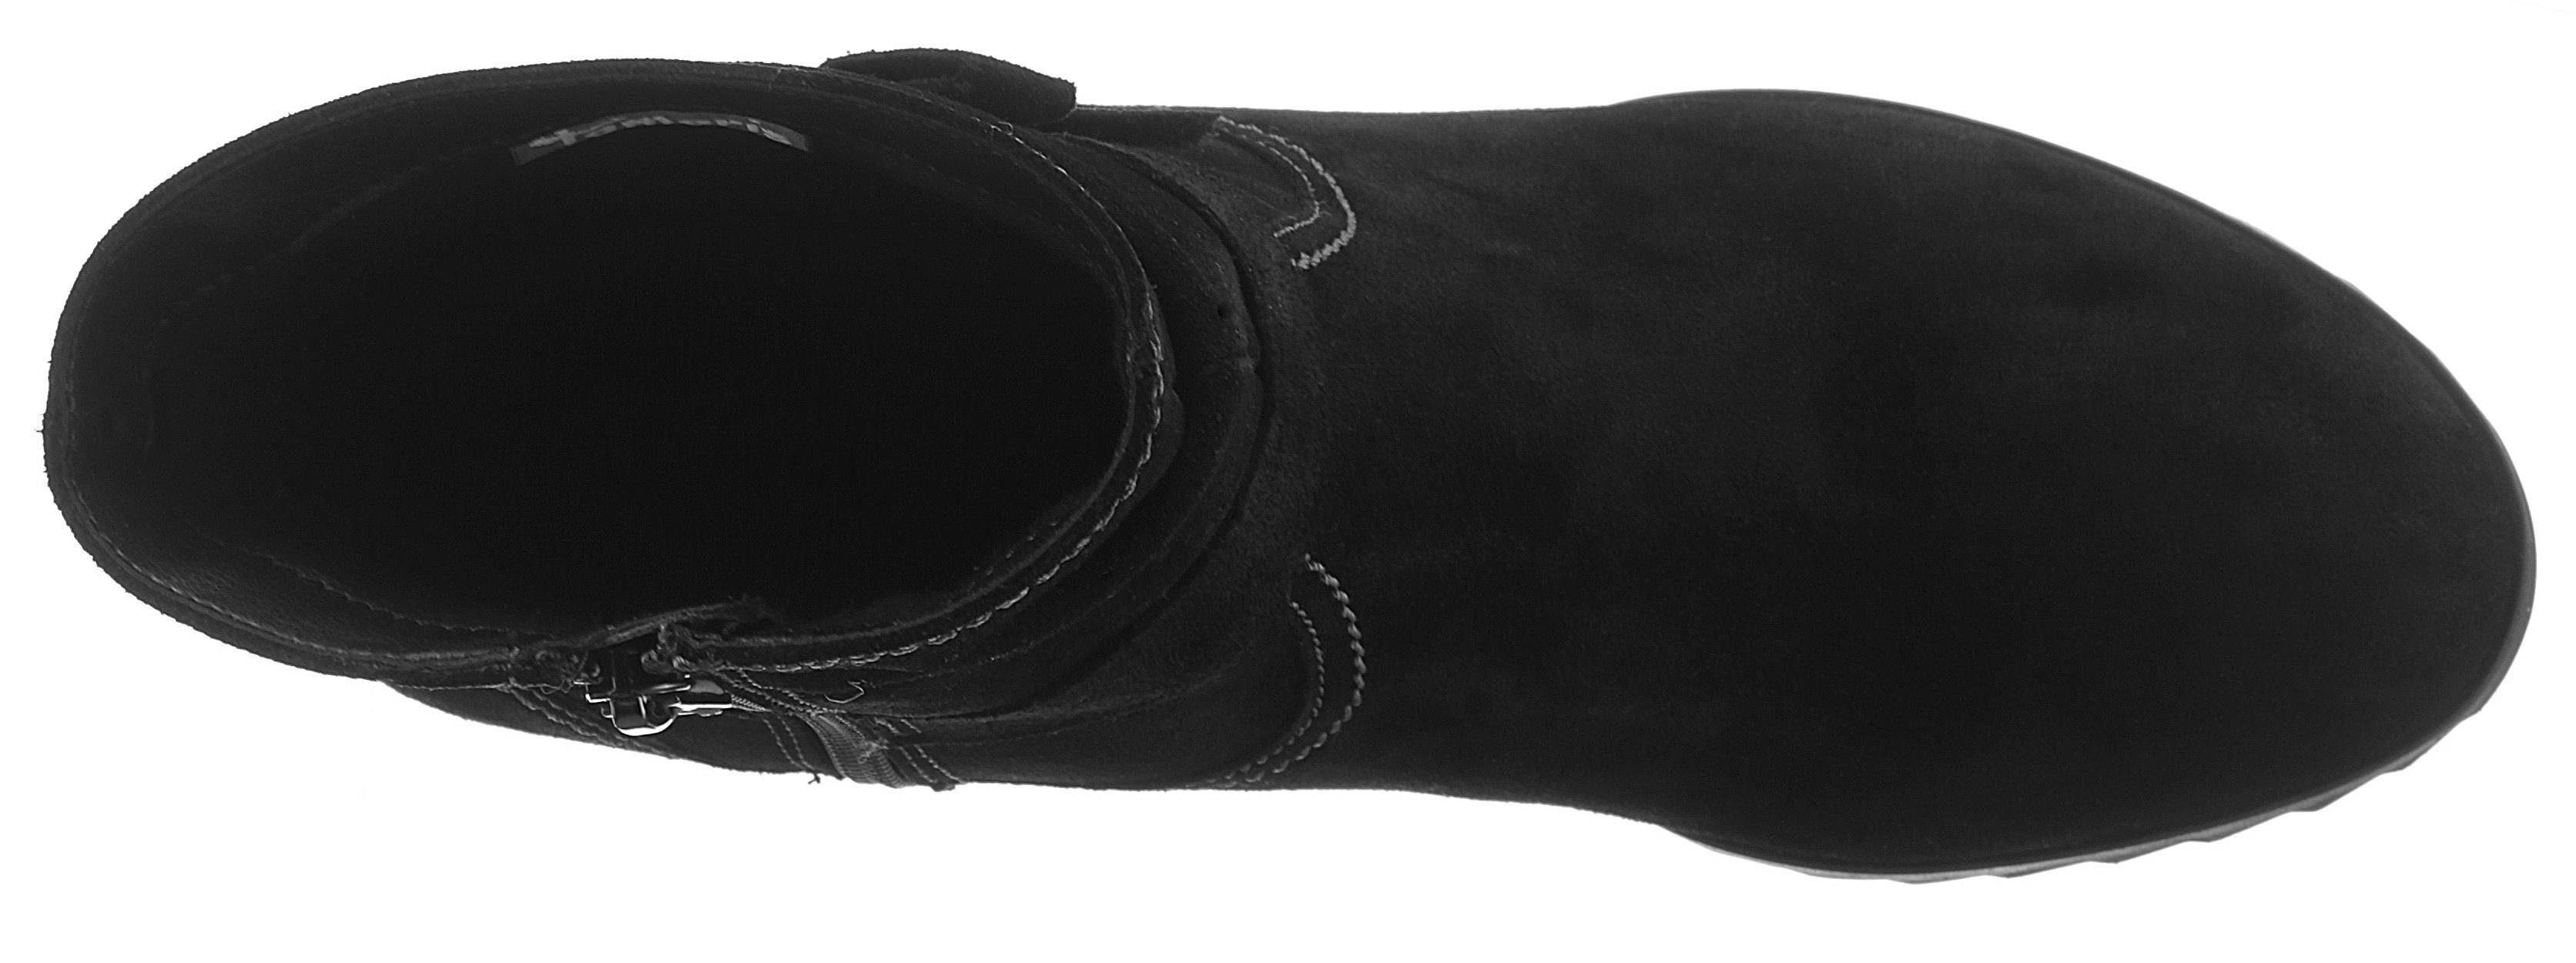 Tamaris Valentina Stiefelette, mit Zierschleife  schwarz